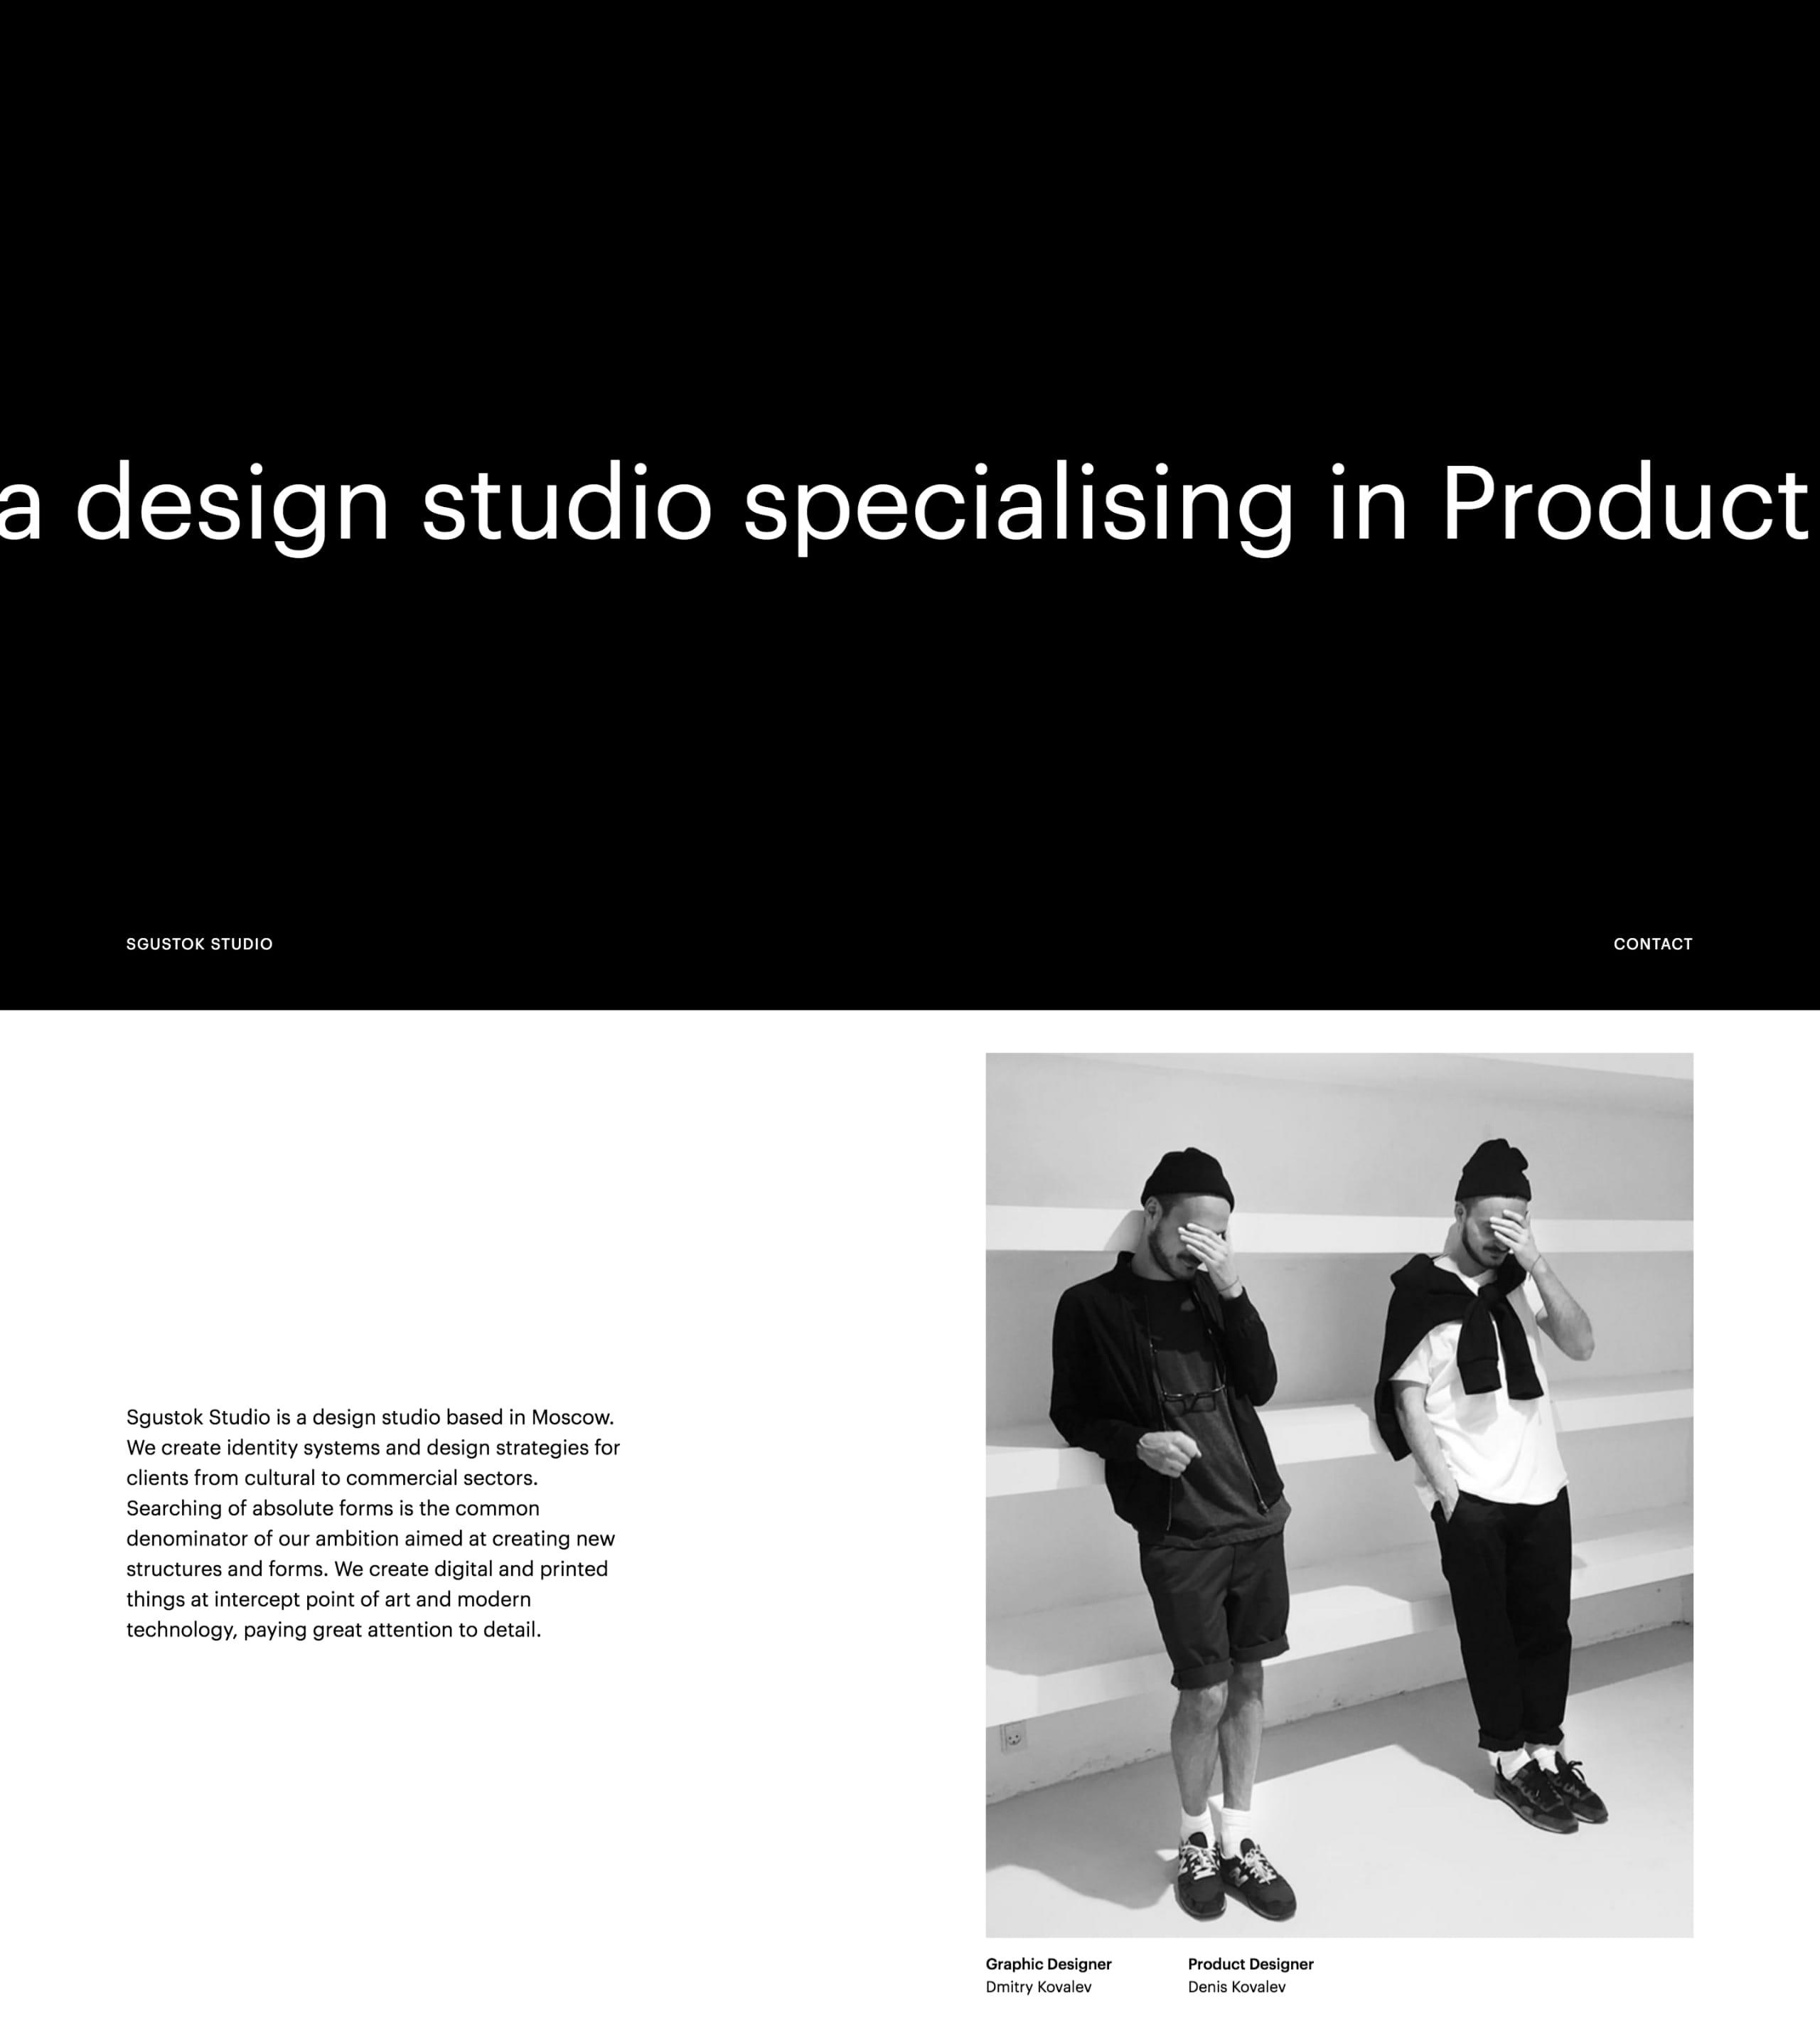 Sgustok Studio Website Screenshot